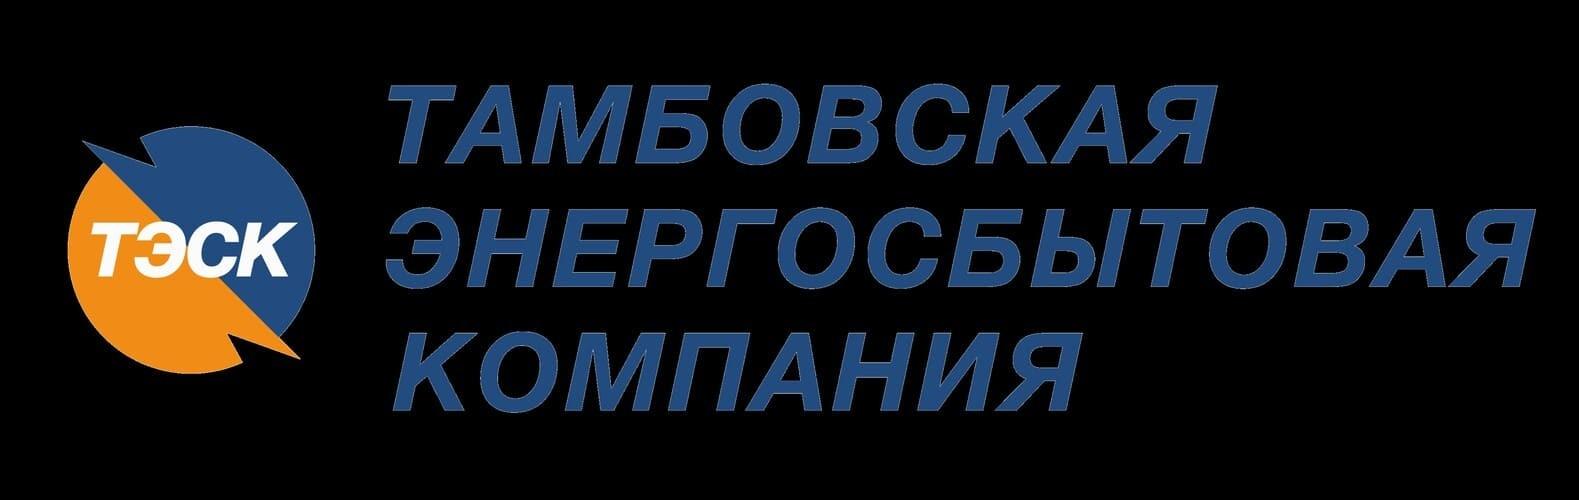 Рис. 1. Источник: сайт ПАО «ТЭК»